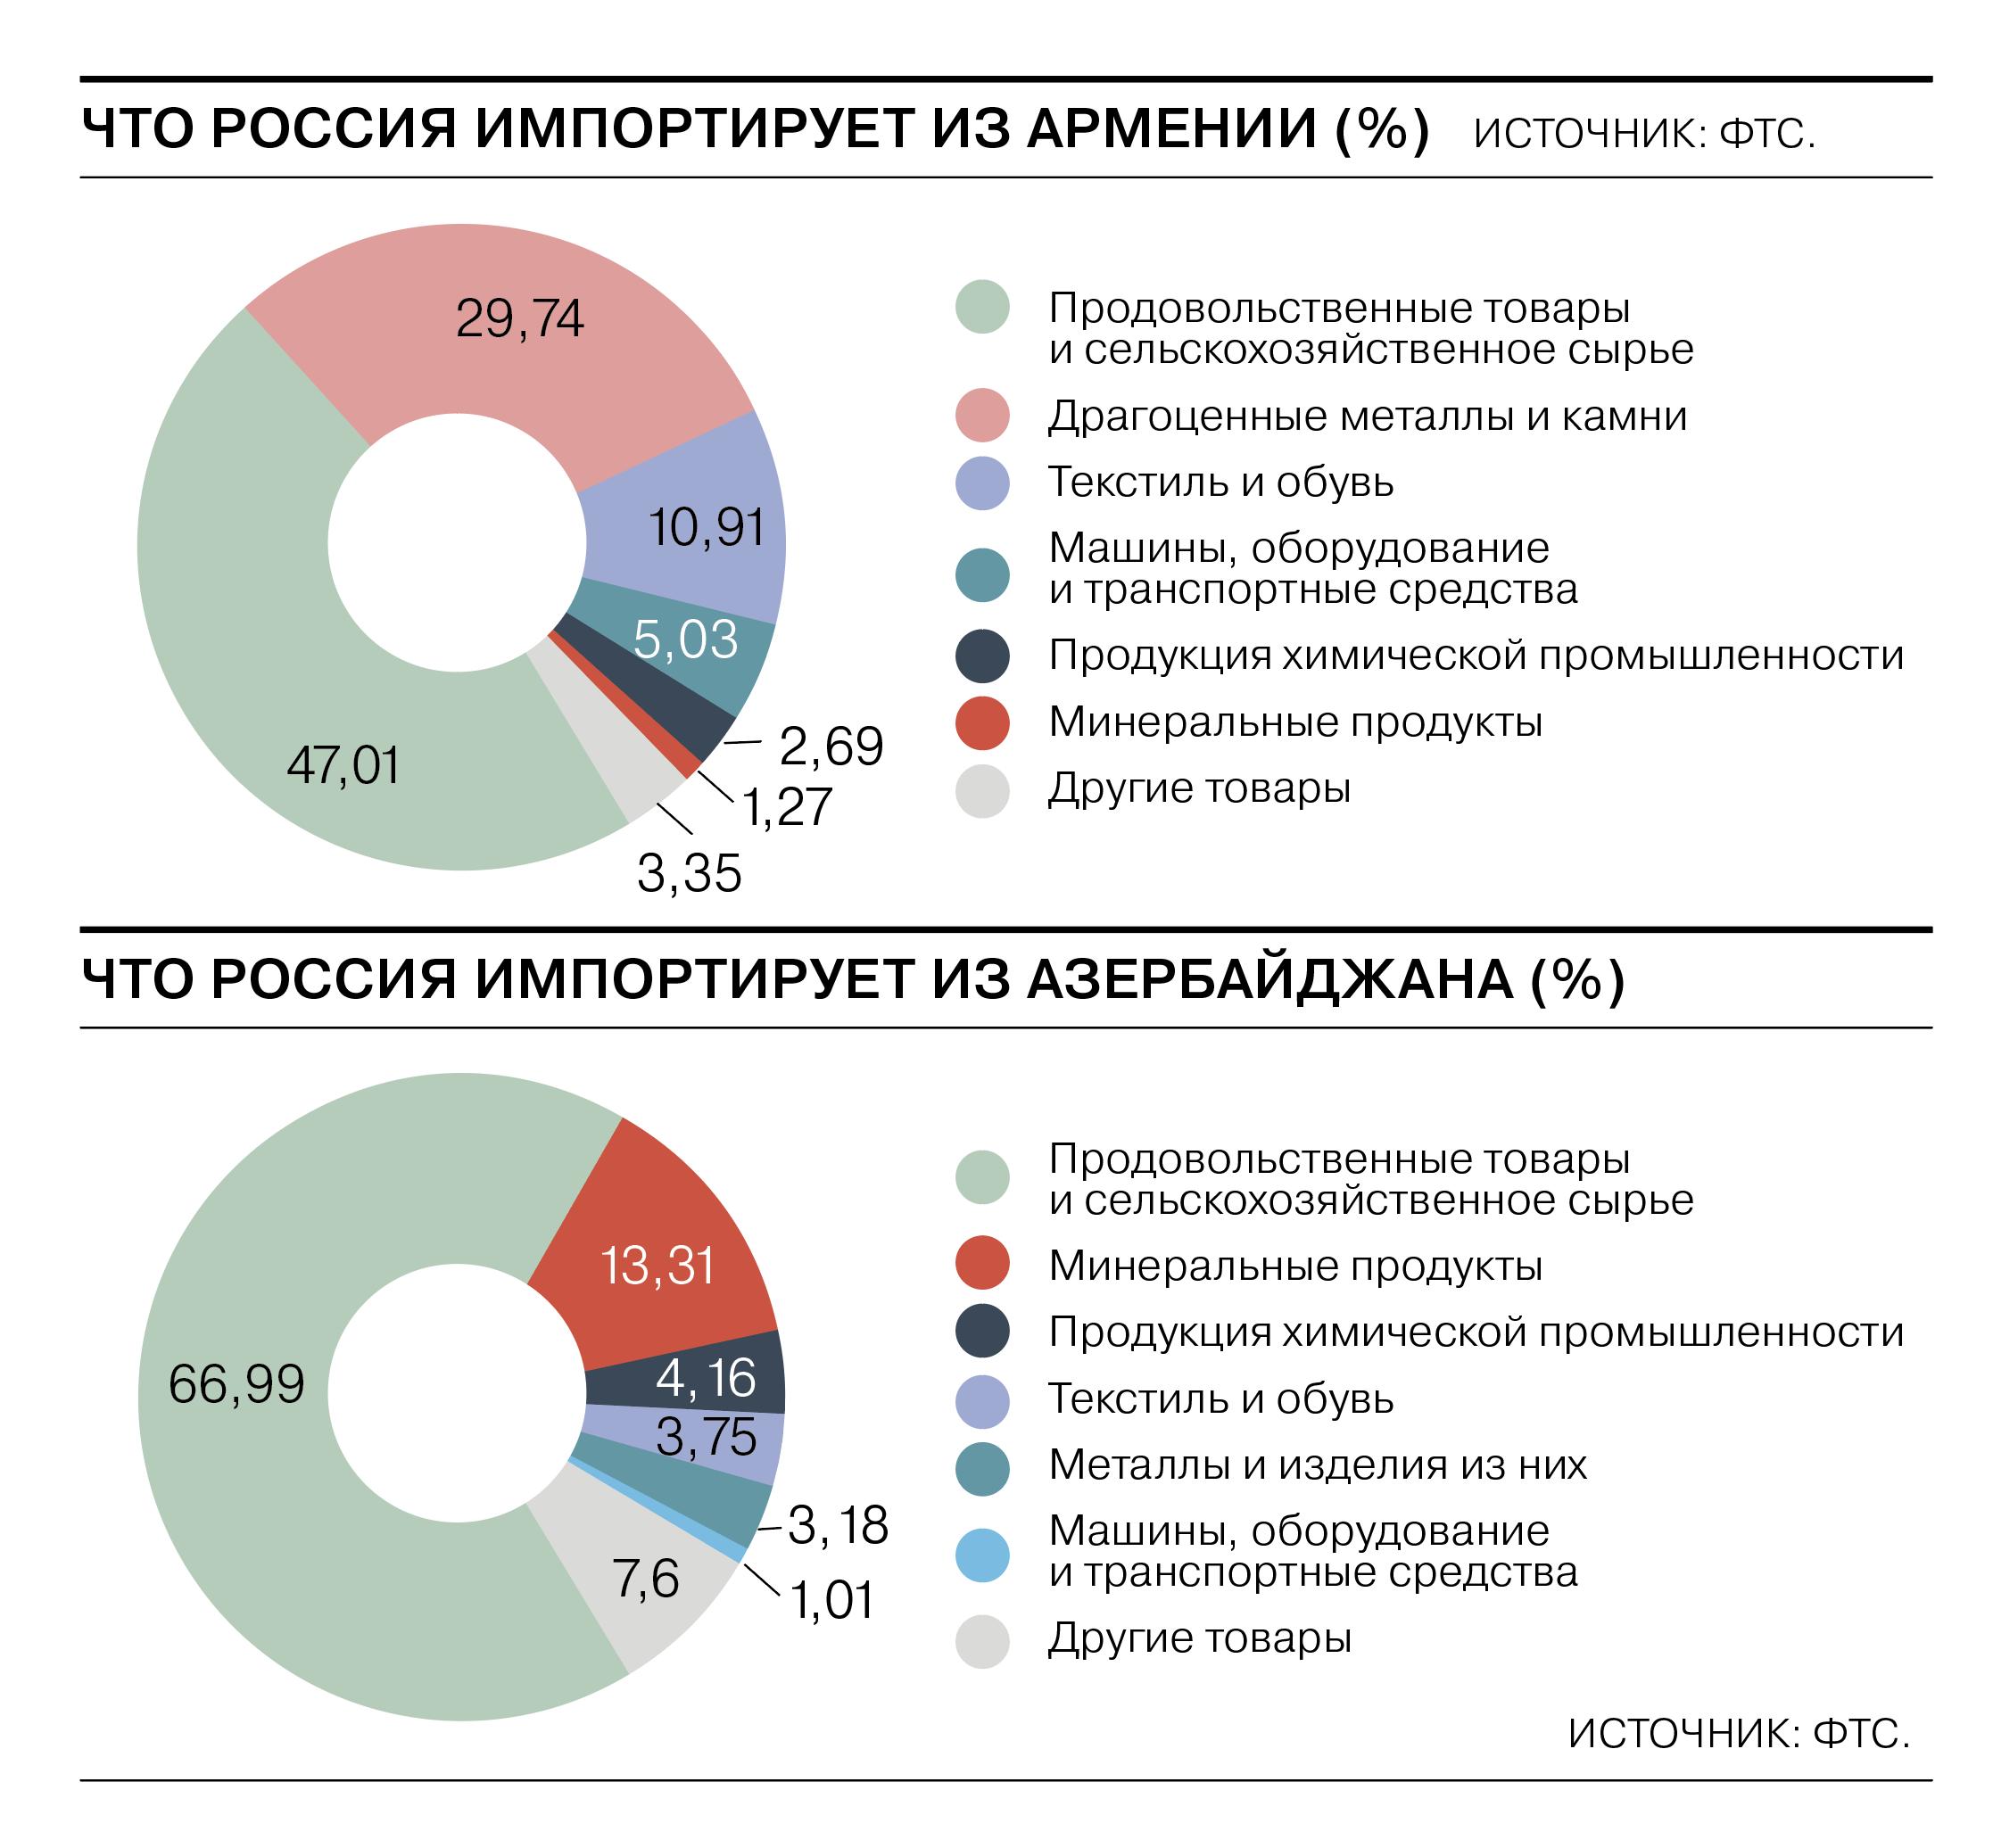 Что связывает Россию с Азербайджаном иАрменией